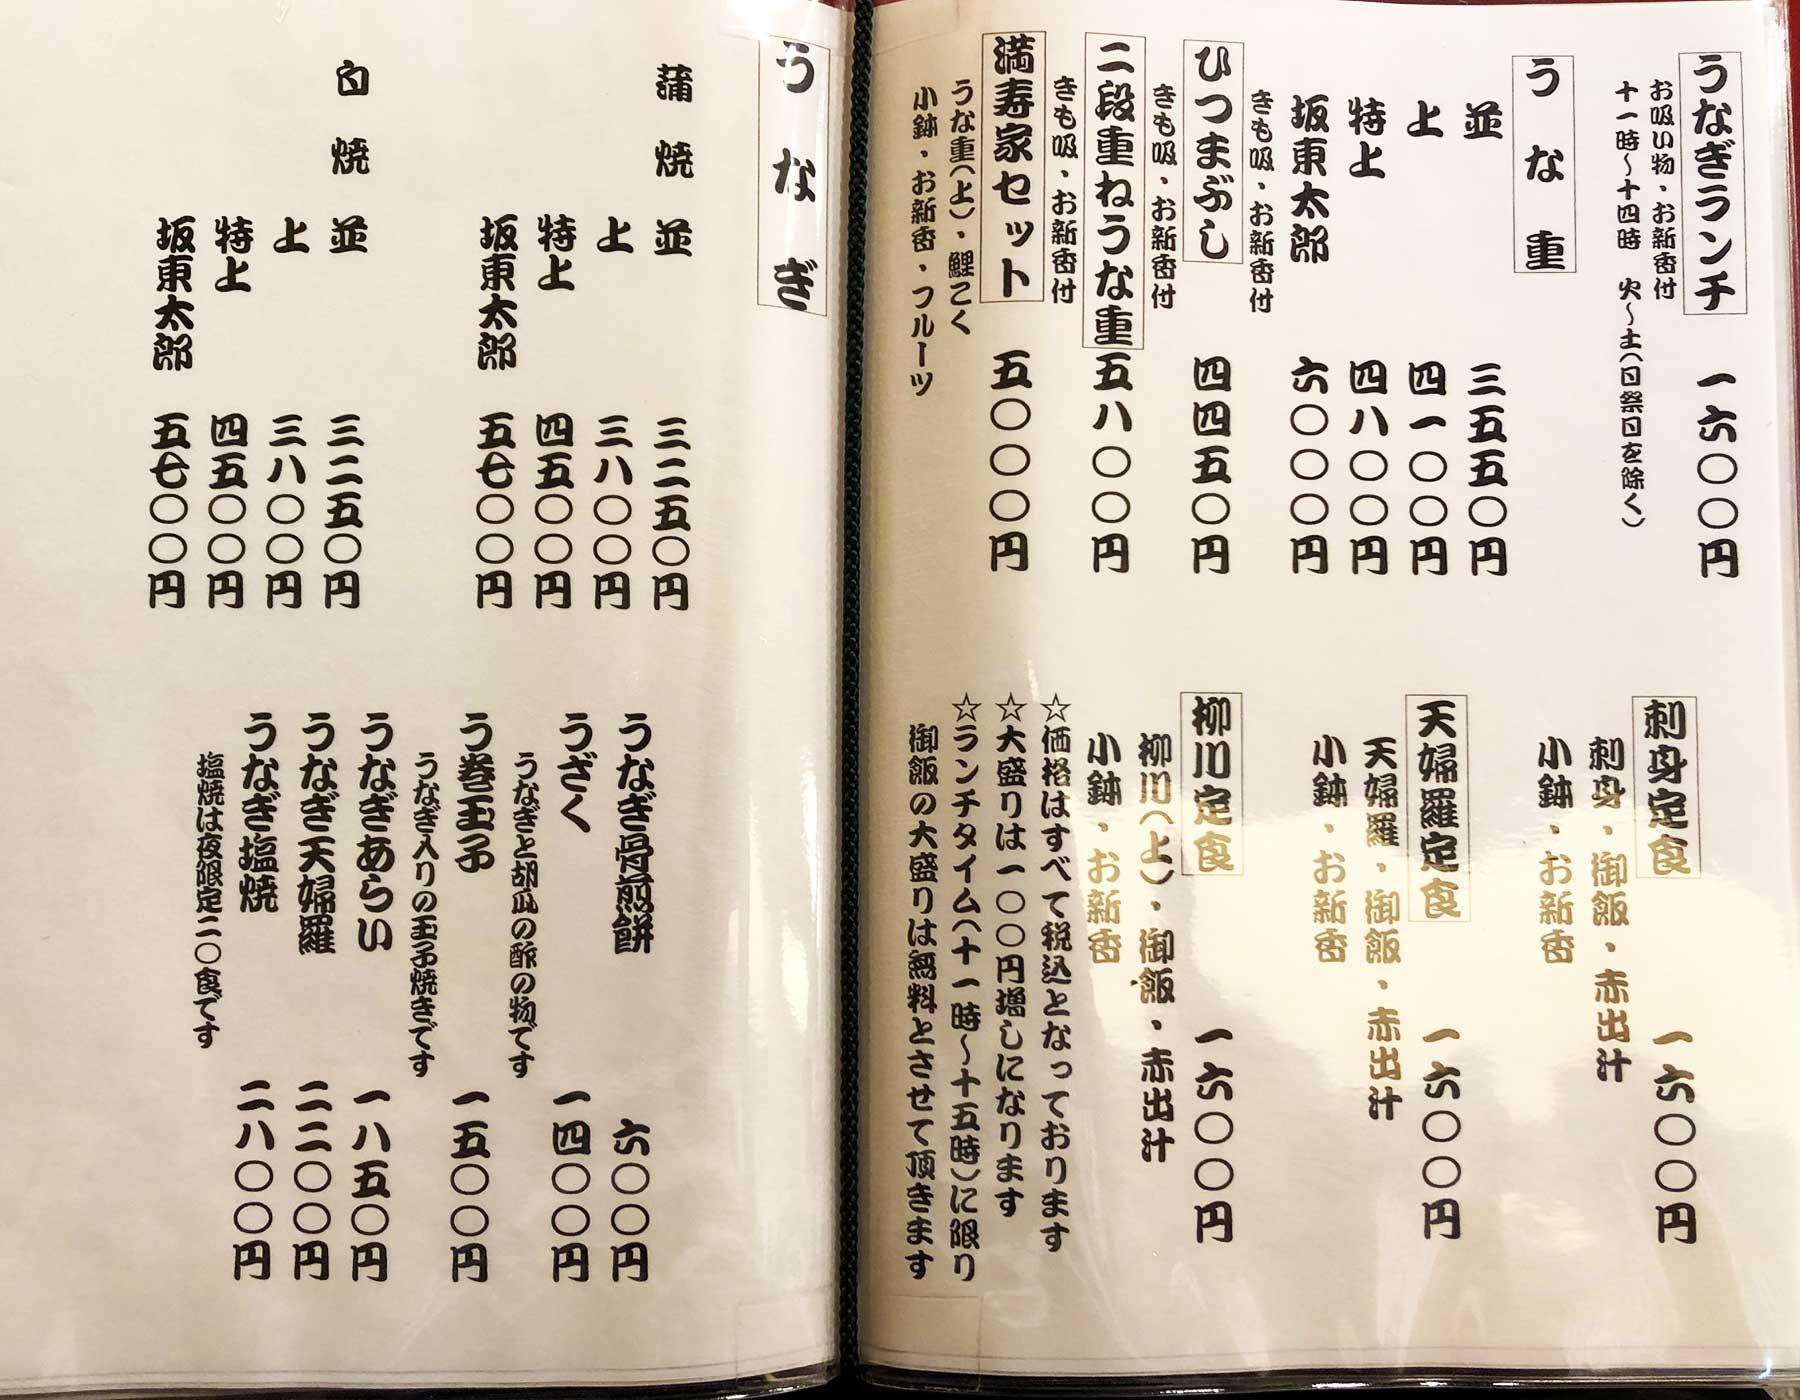 浦和・満寿家のメニュー